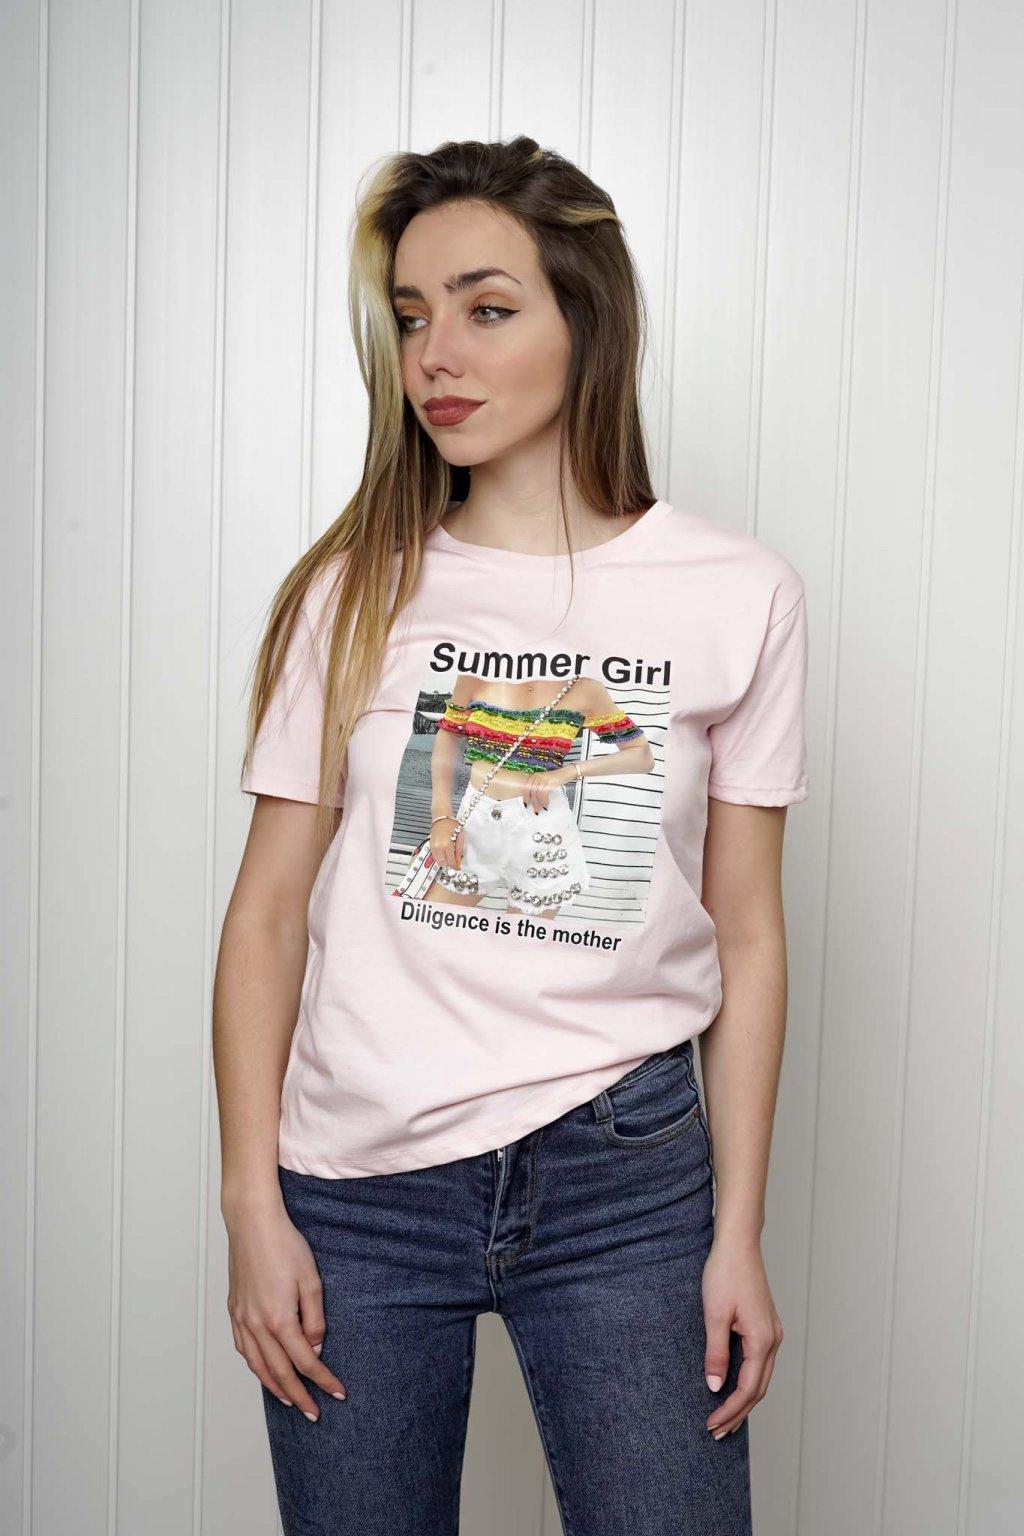 tričko, tričkové šaty, biele, čierne, žlté, vzorované, potlač, vyšívané, nášivky, fialové, street style, 318